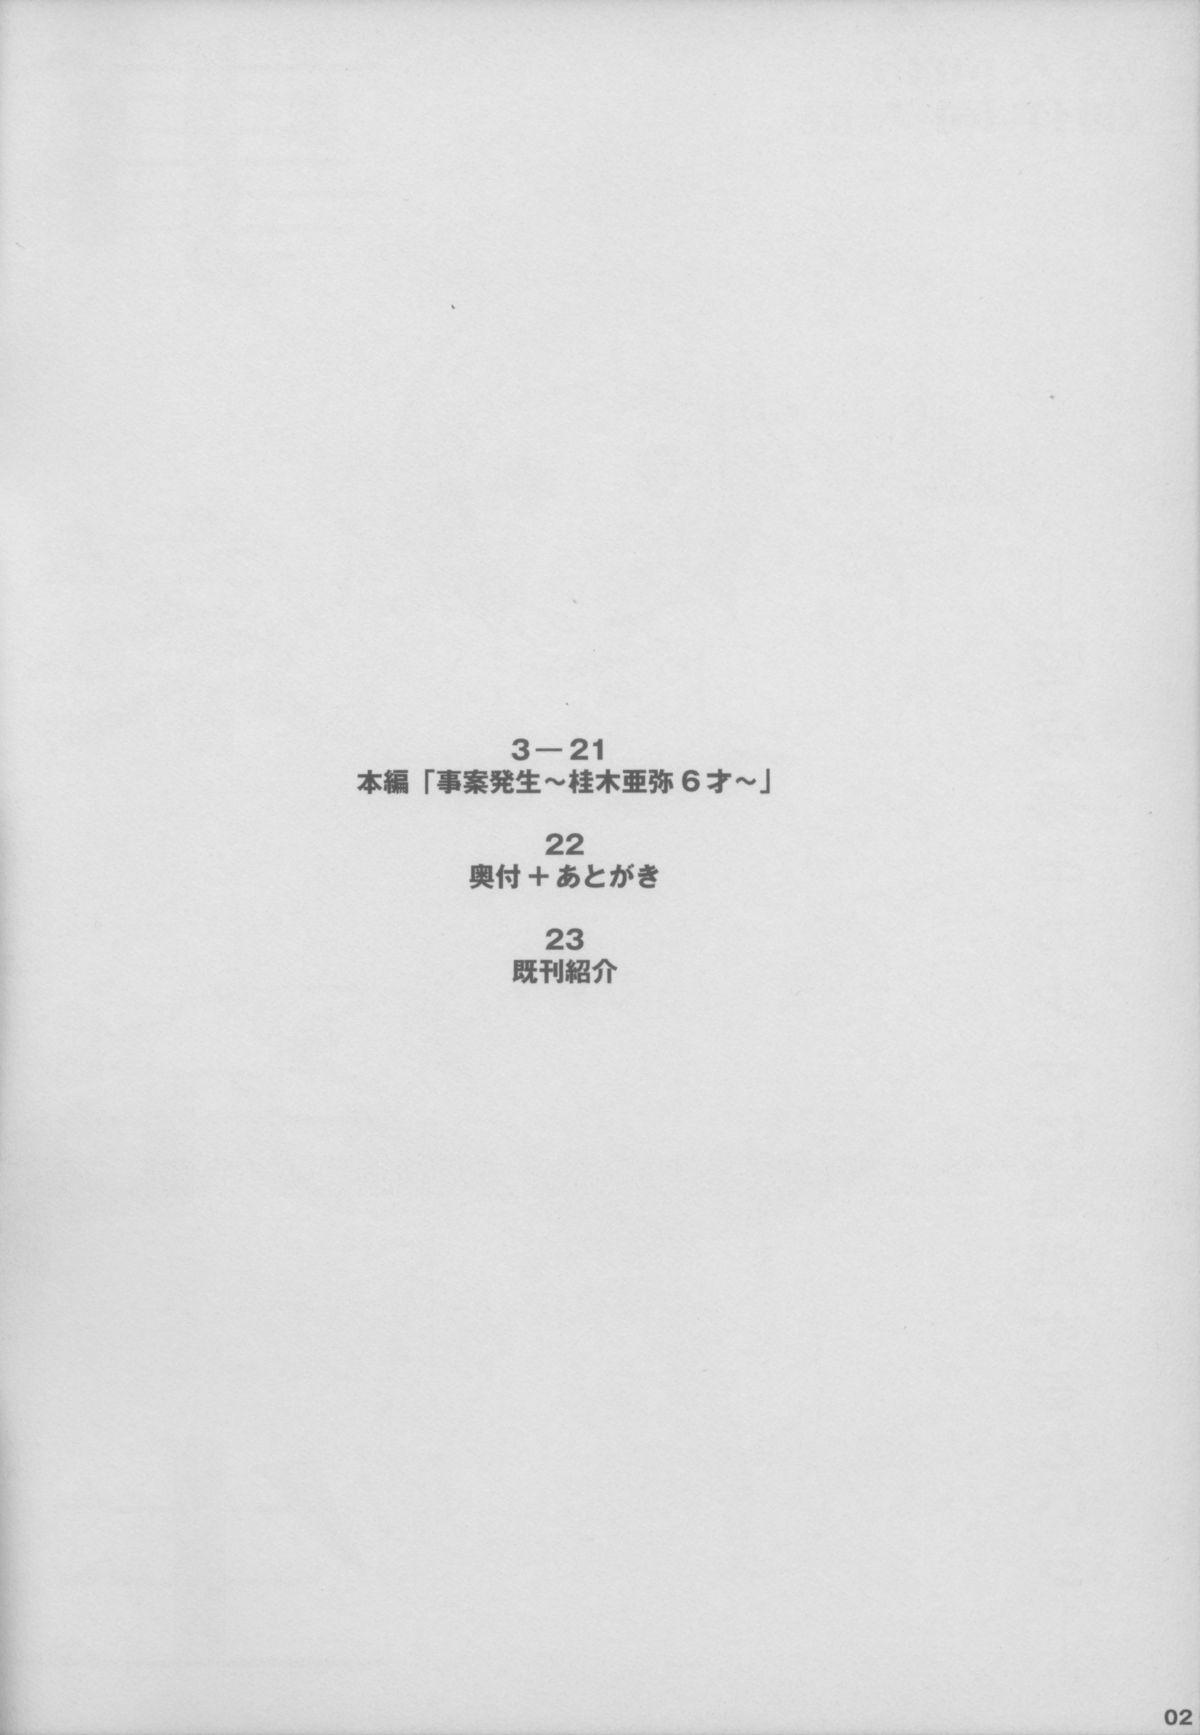 Jian Hassei 2